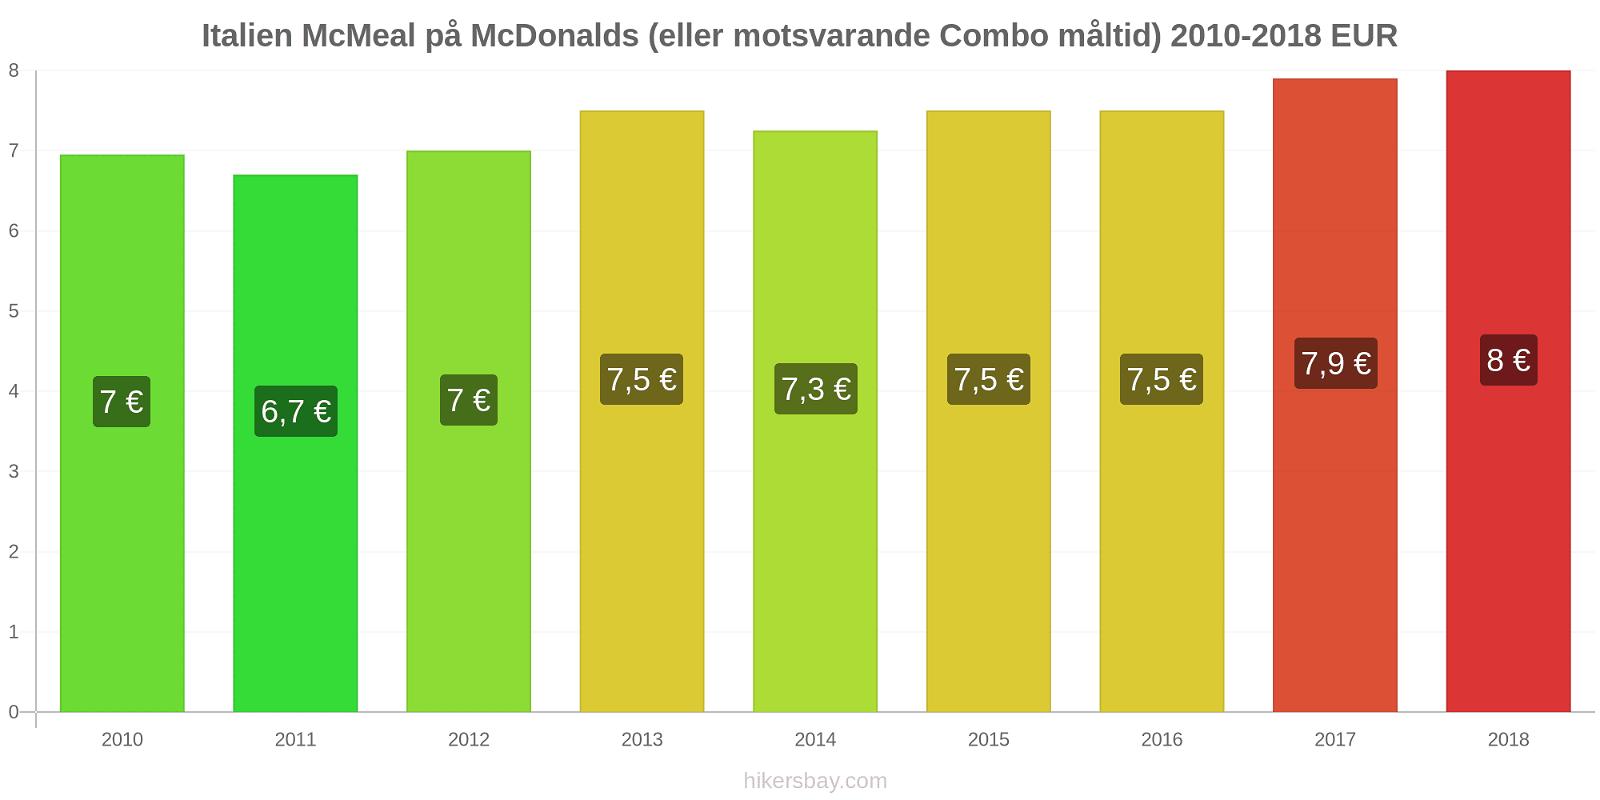 Italien prisförändringar McMeal på McDonalds (eller motsvarande Combo måltid) hikersbay.com